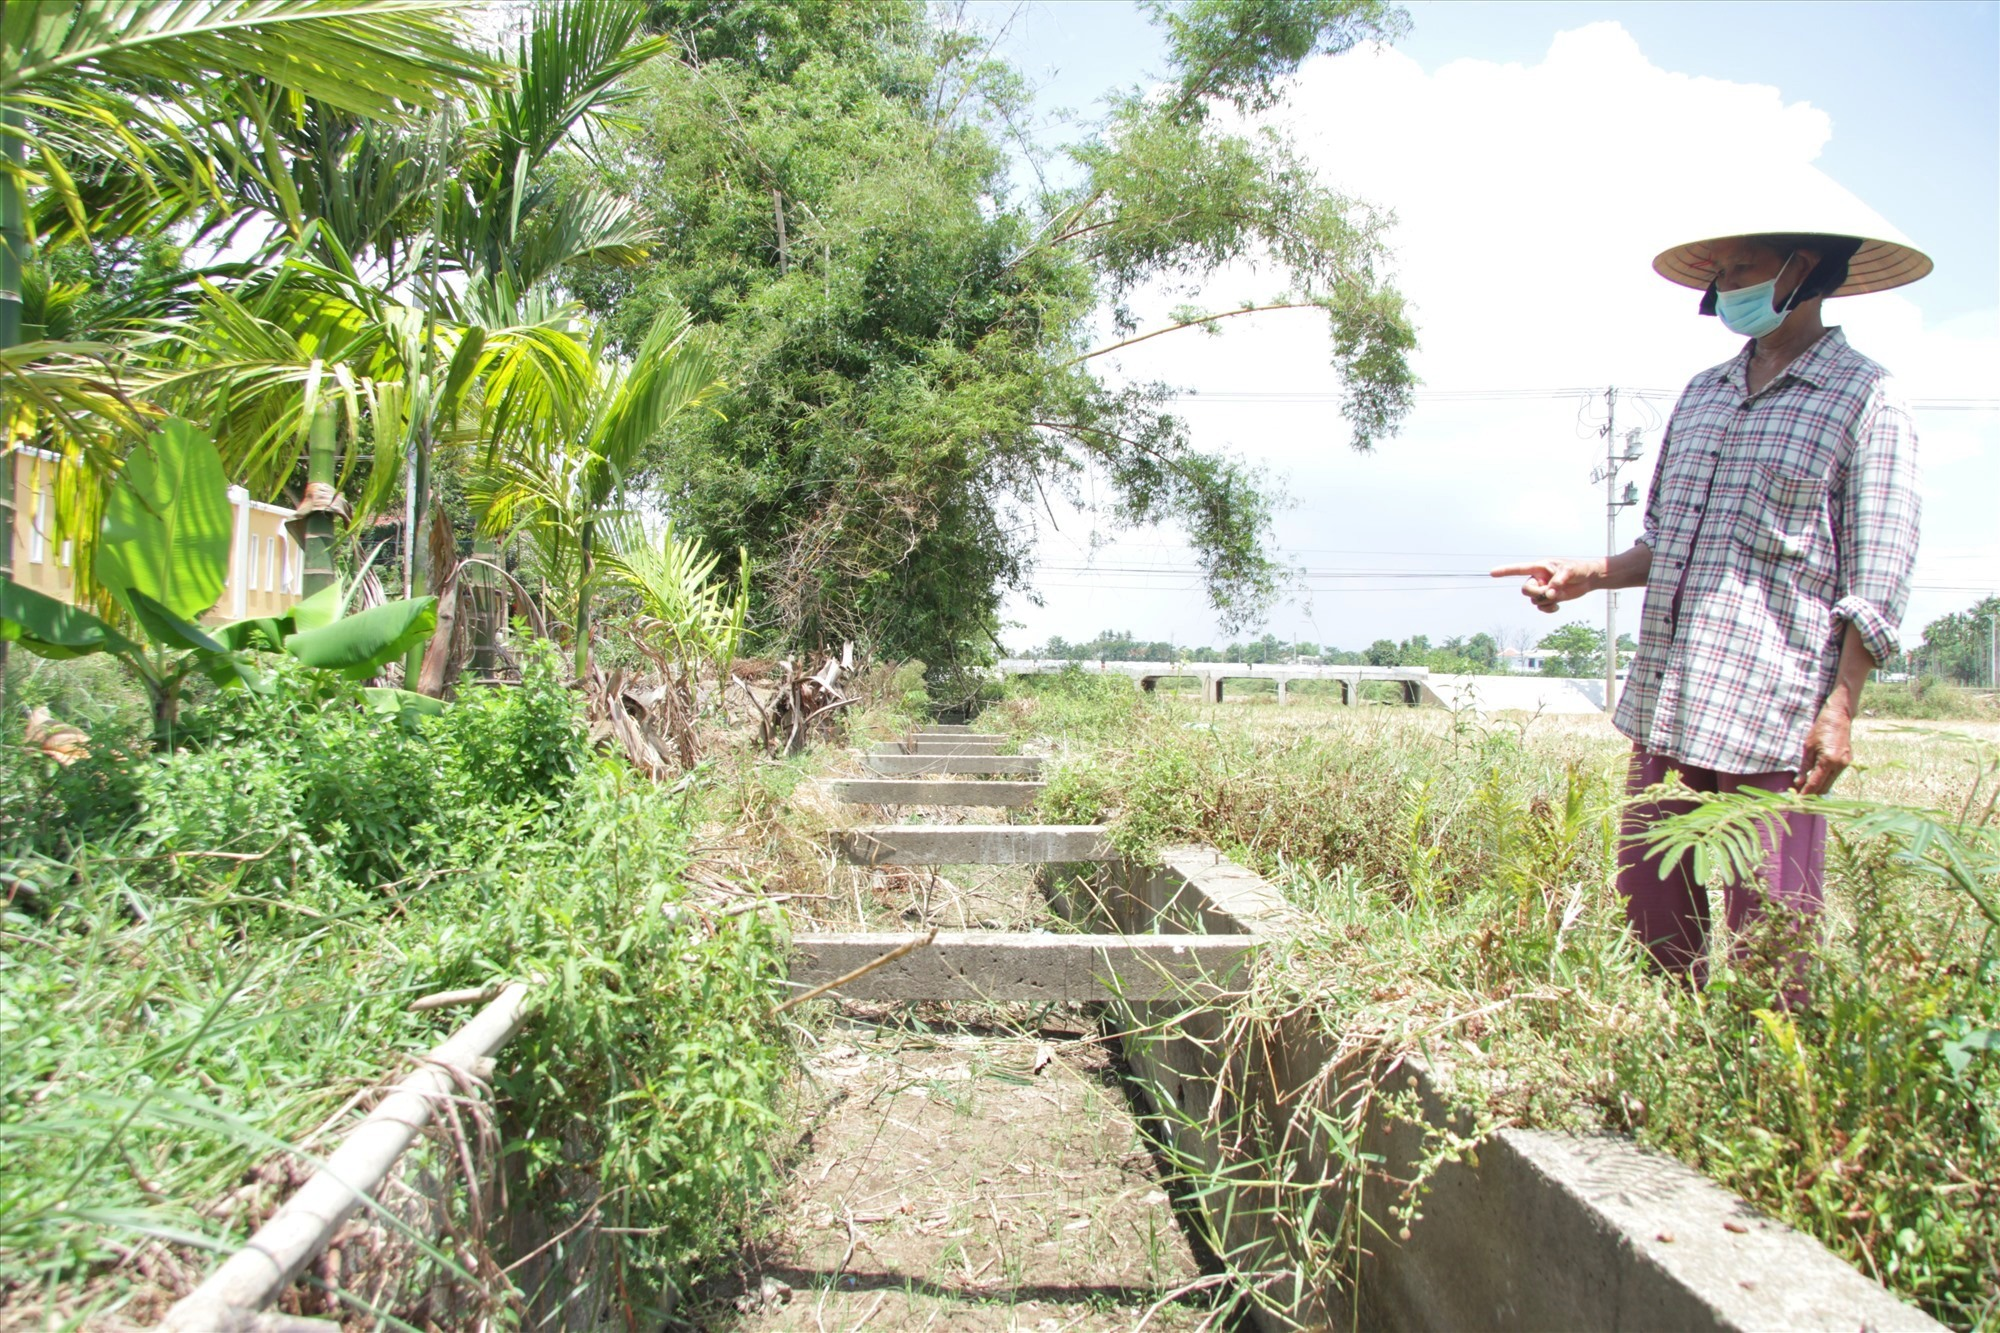 Mương dẫn nước tưới cho đồng ruộng tại thôn Đông Hà, xã Cẩm Kim không có một giọt nước nào. Ảnh: Q.H